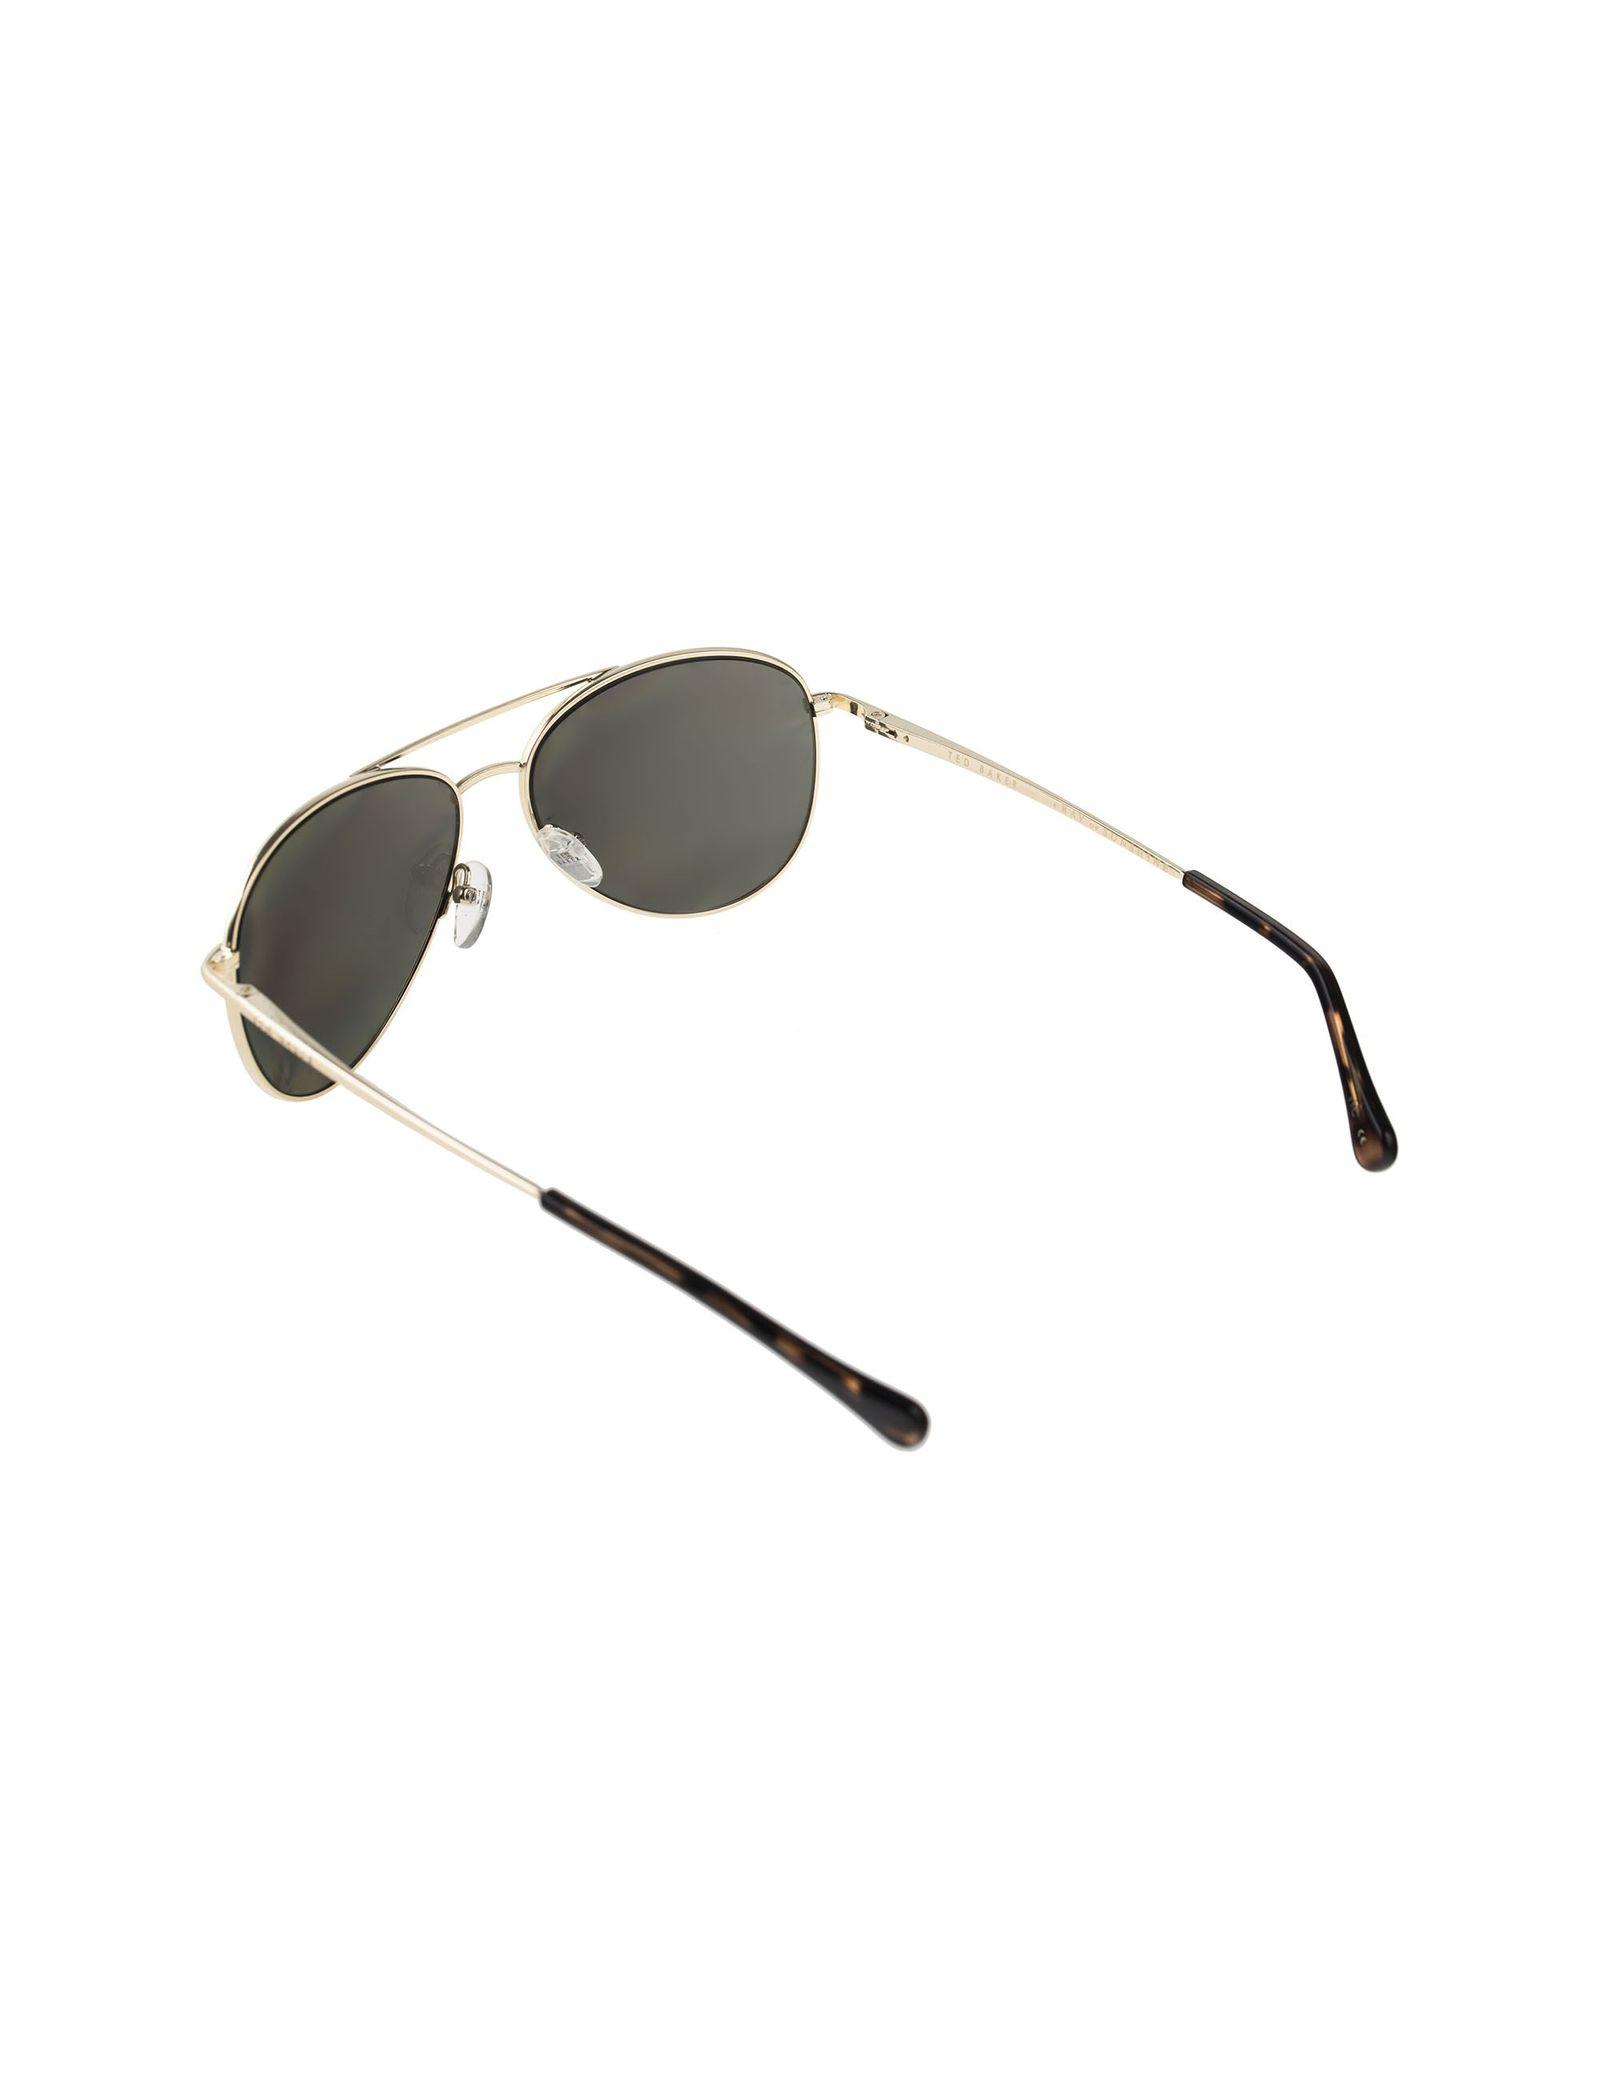 عینک آفتابی خلبانی زنانه - تد بیکر - طلايي    - 4